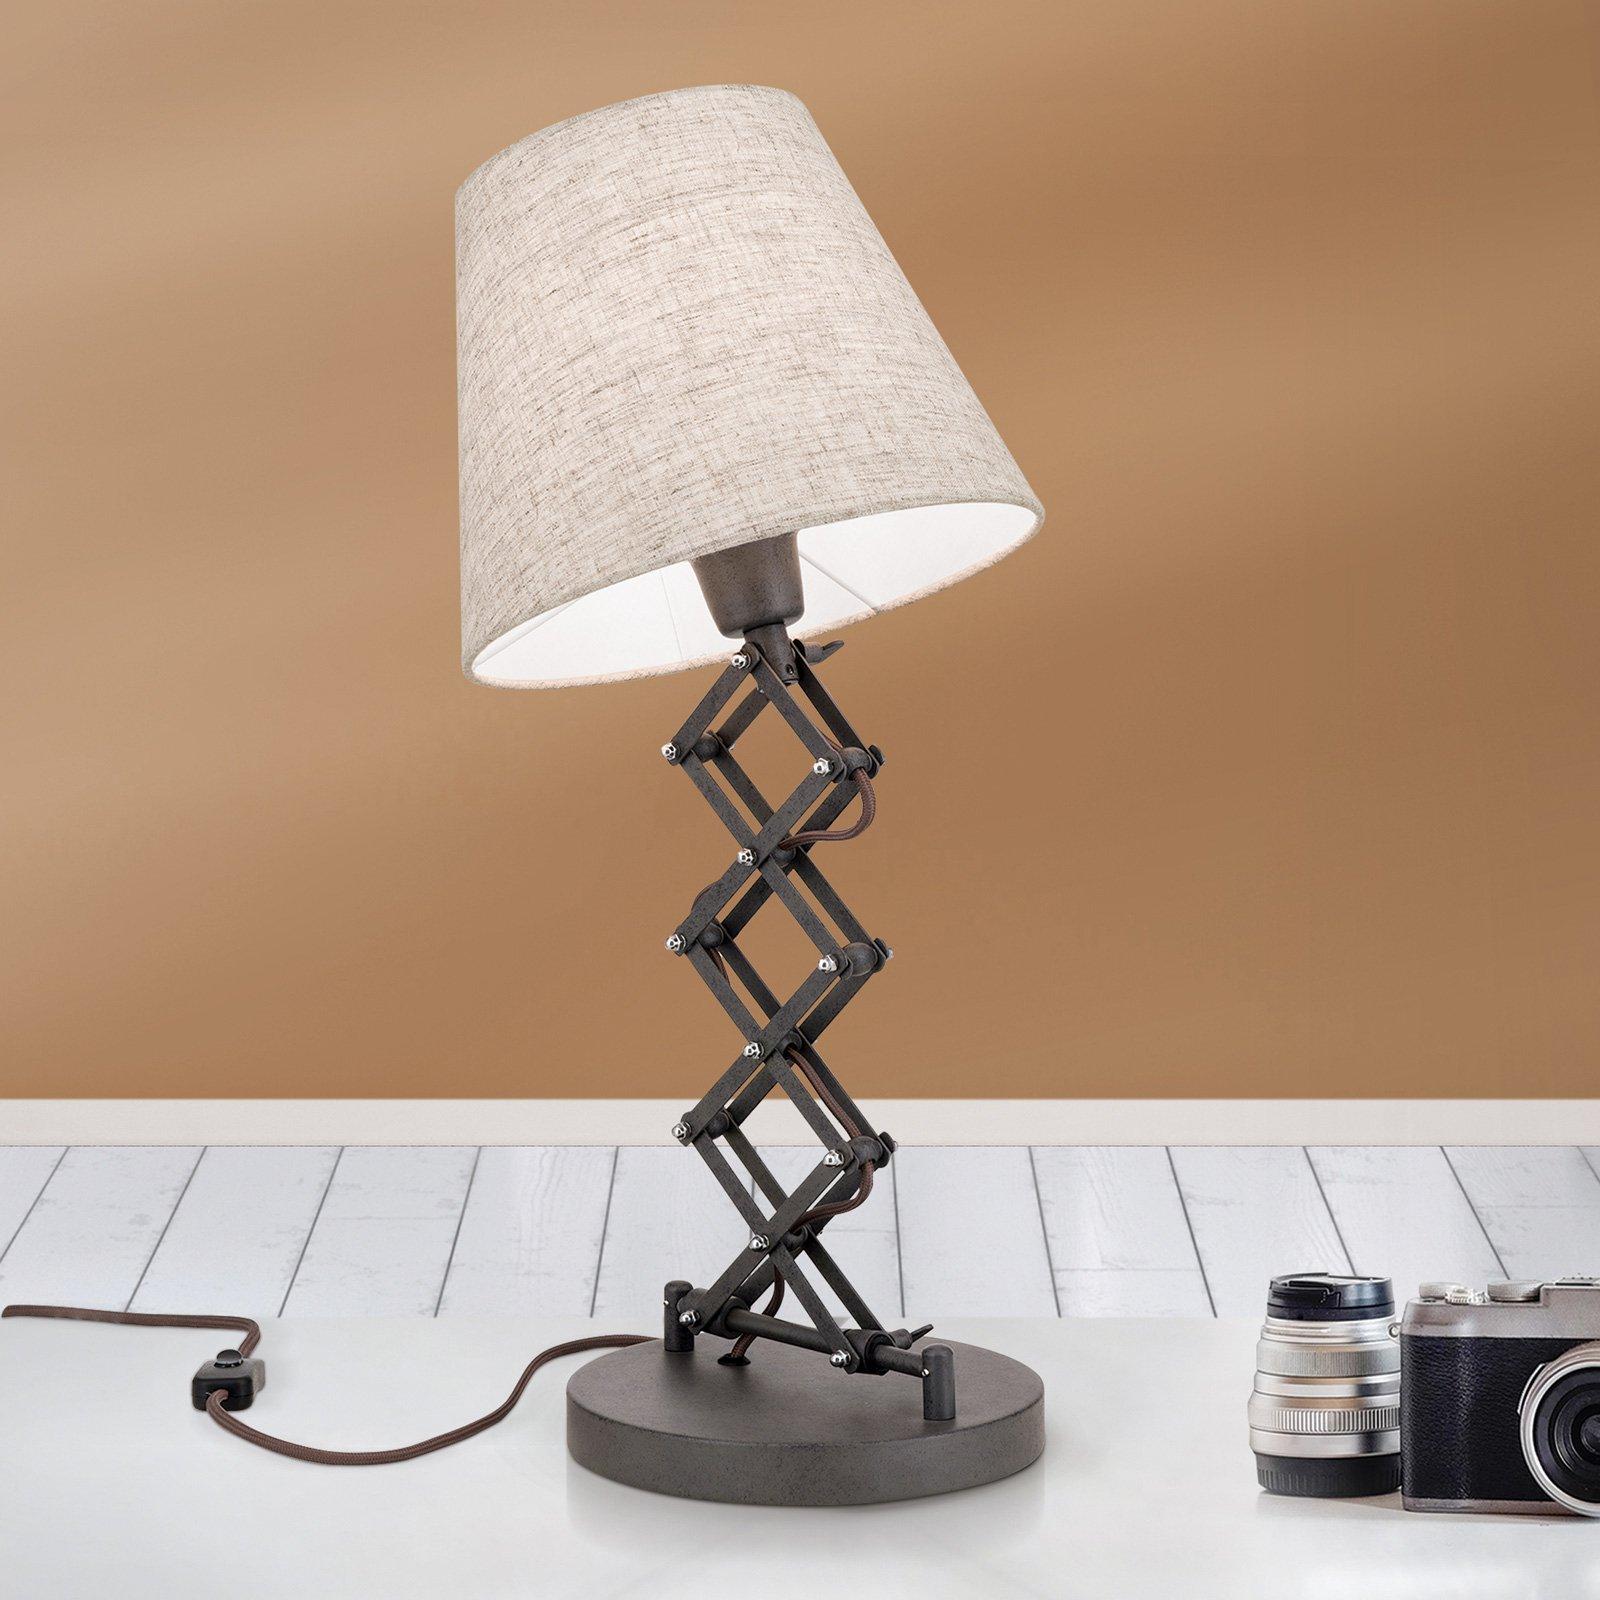 Bordlampe Factory i industristil